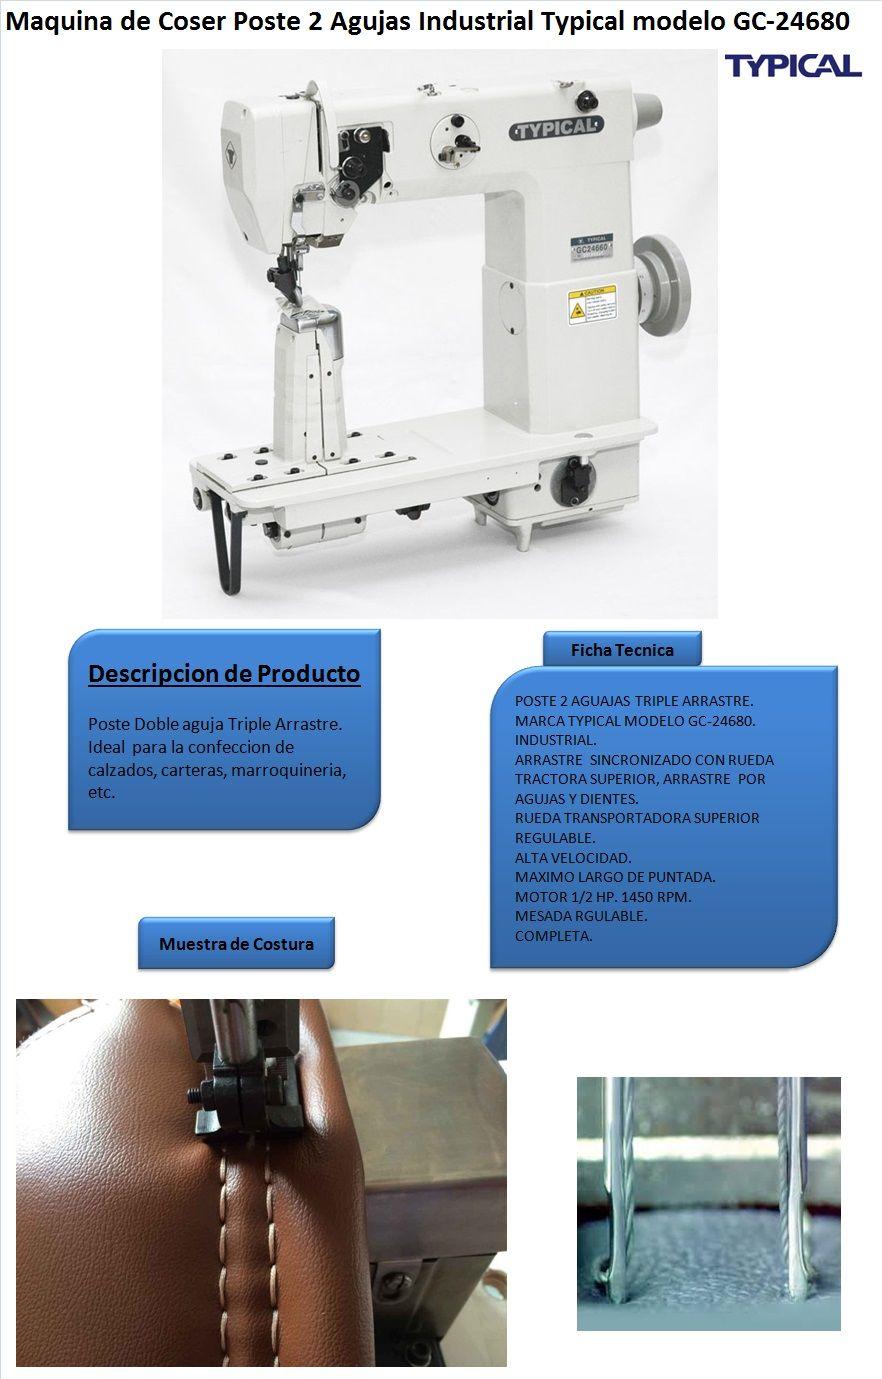 Maquina De Coser Poste 2 Agujas Typical Modelo Gc-24680 | Lider ...